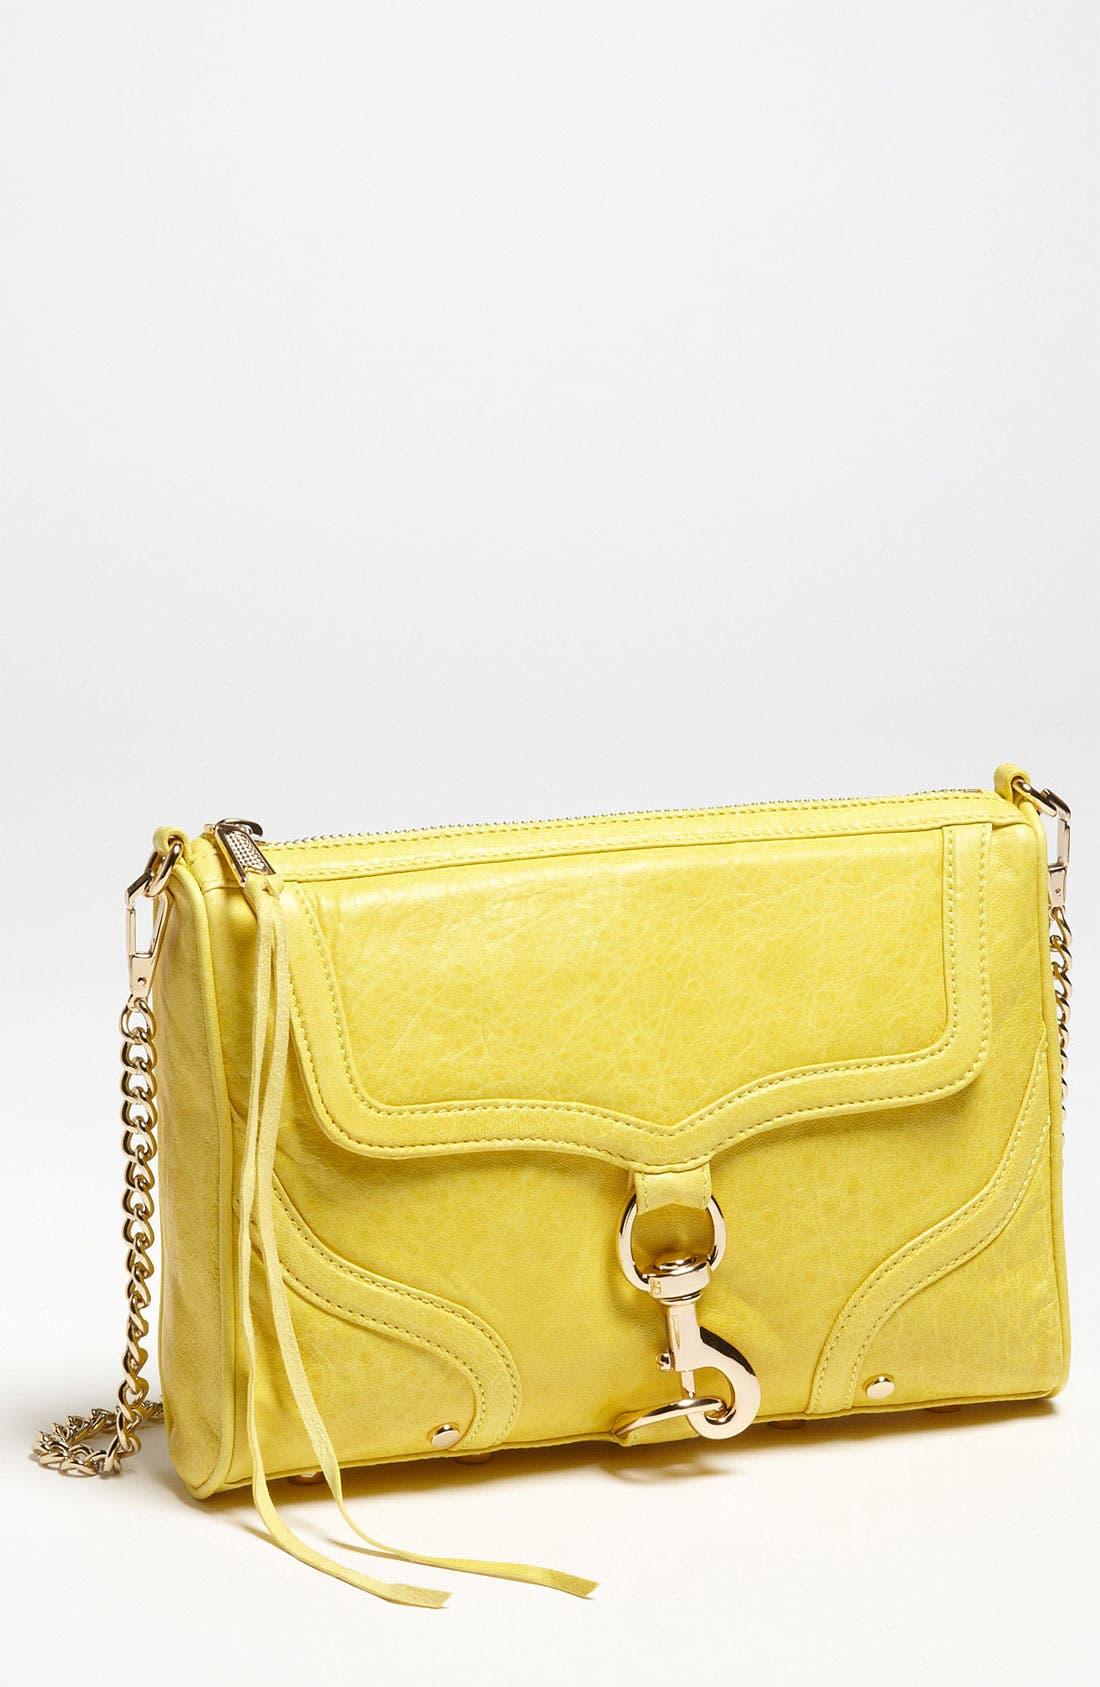 Alternate Image 1 Selected - Rebecca Minkoff 'MAC Bombe' Shoulder Bag